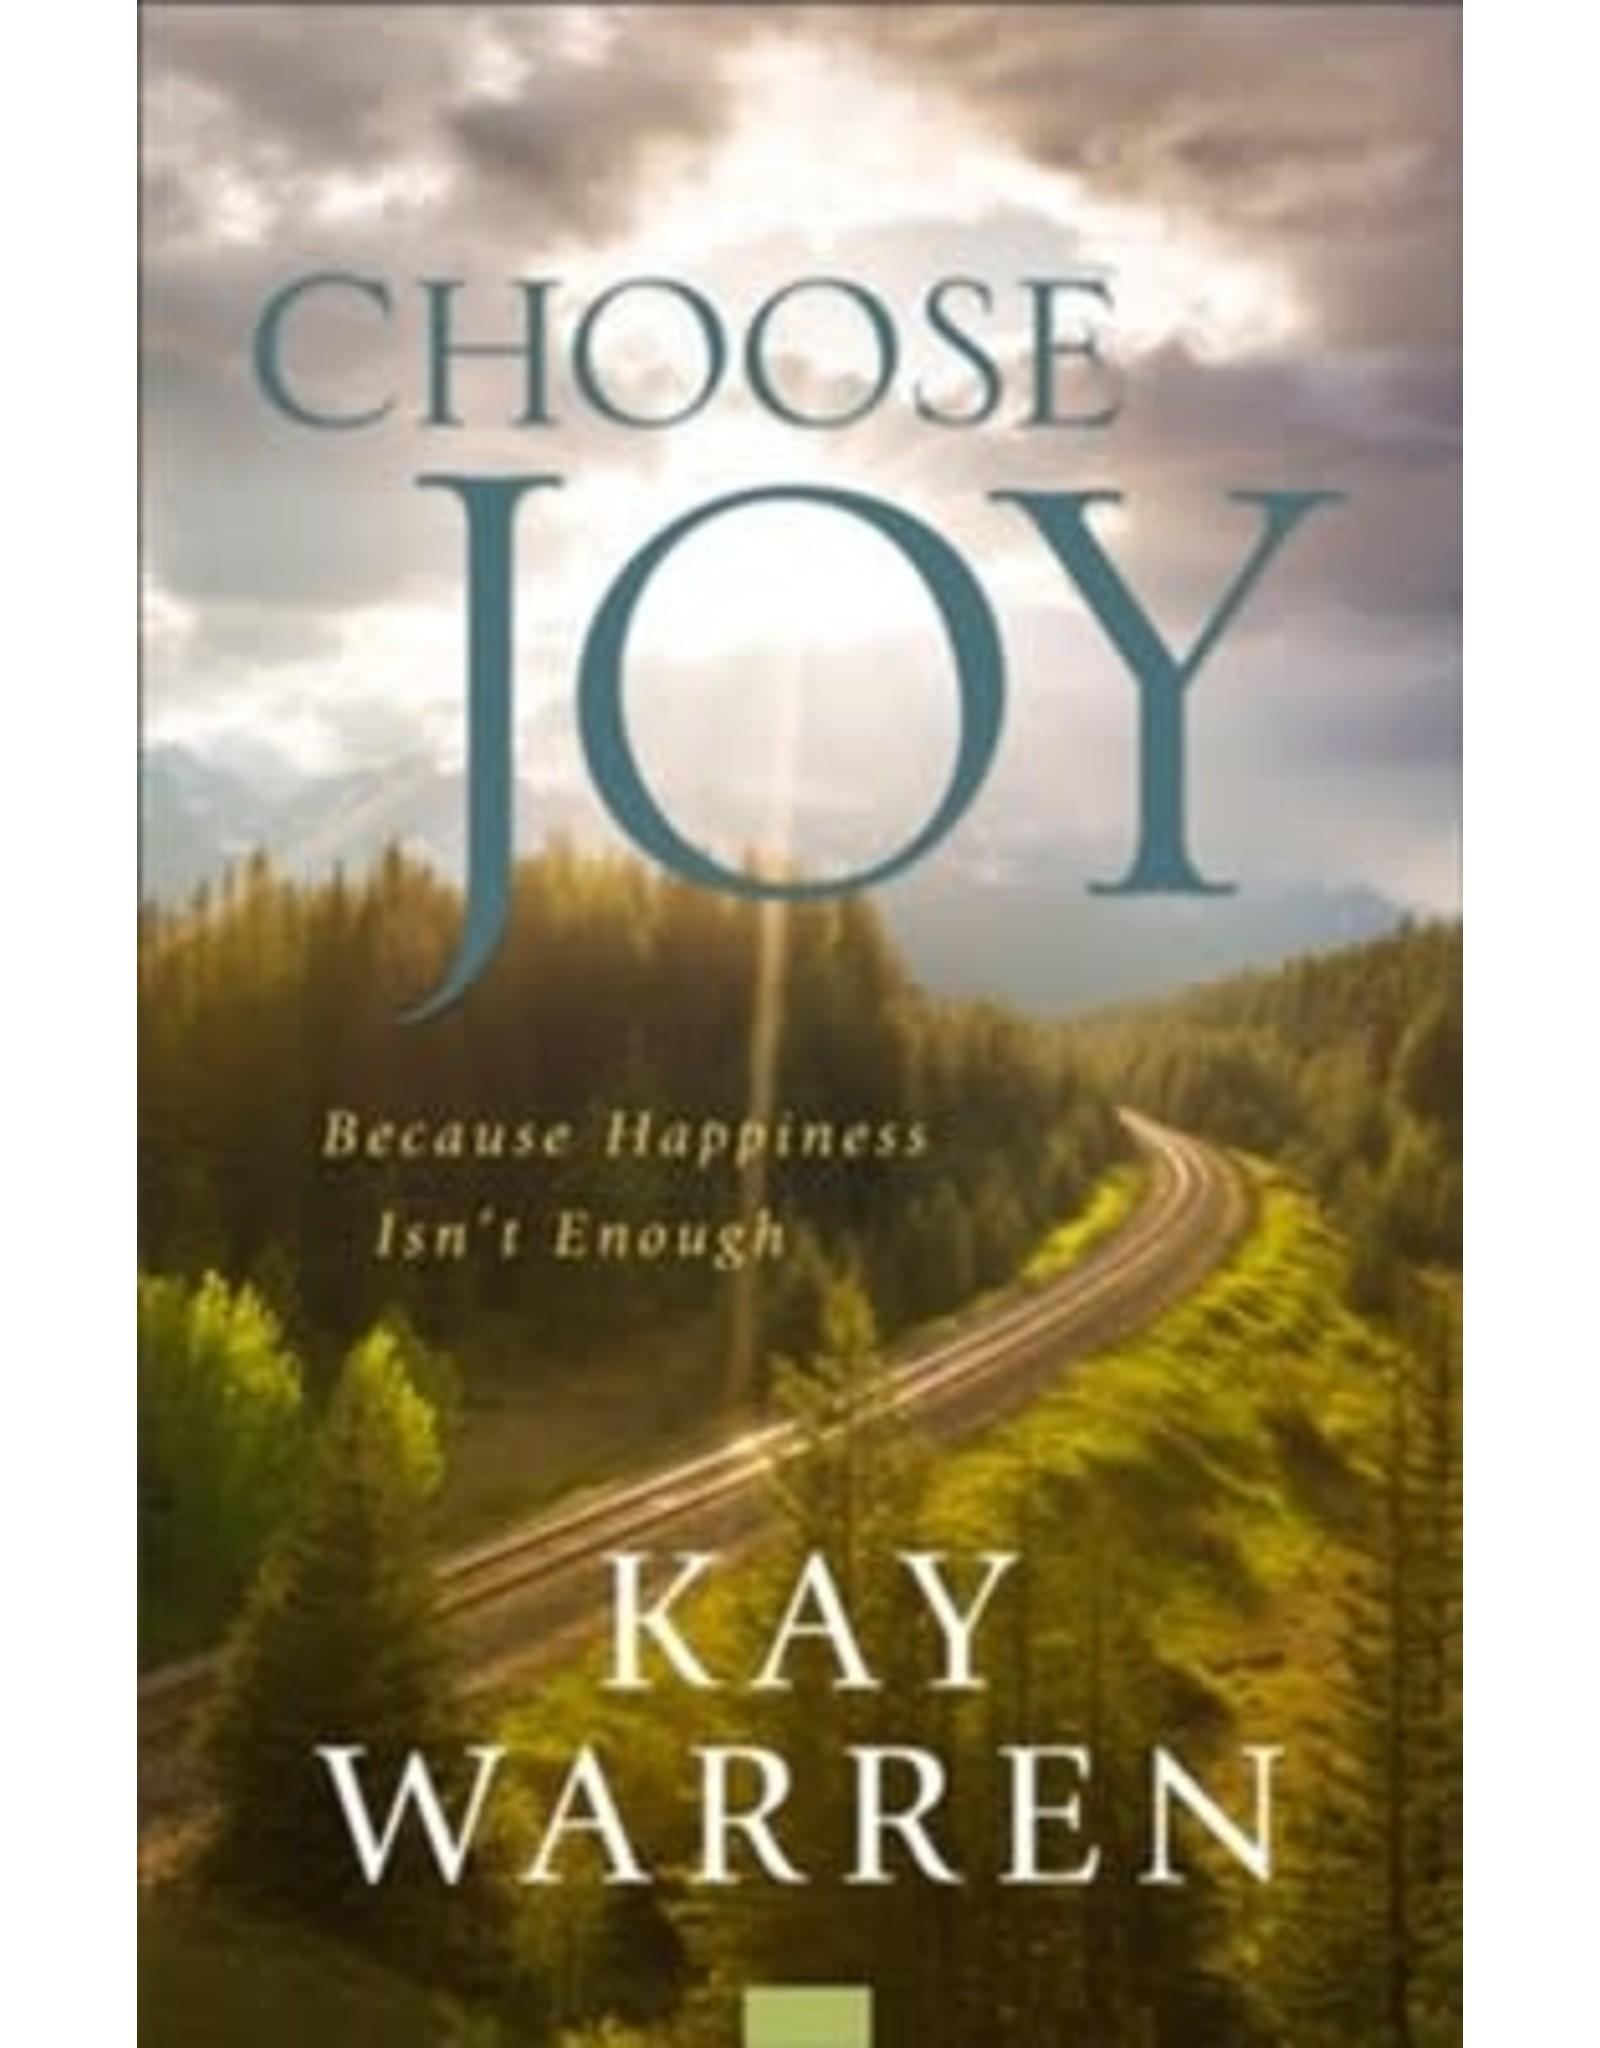 Choose Joy by Kay Warren